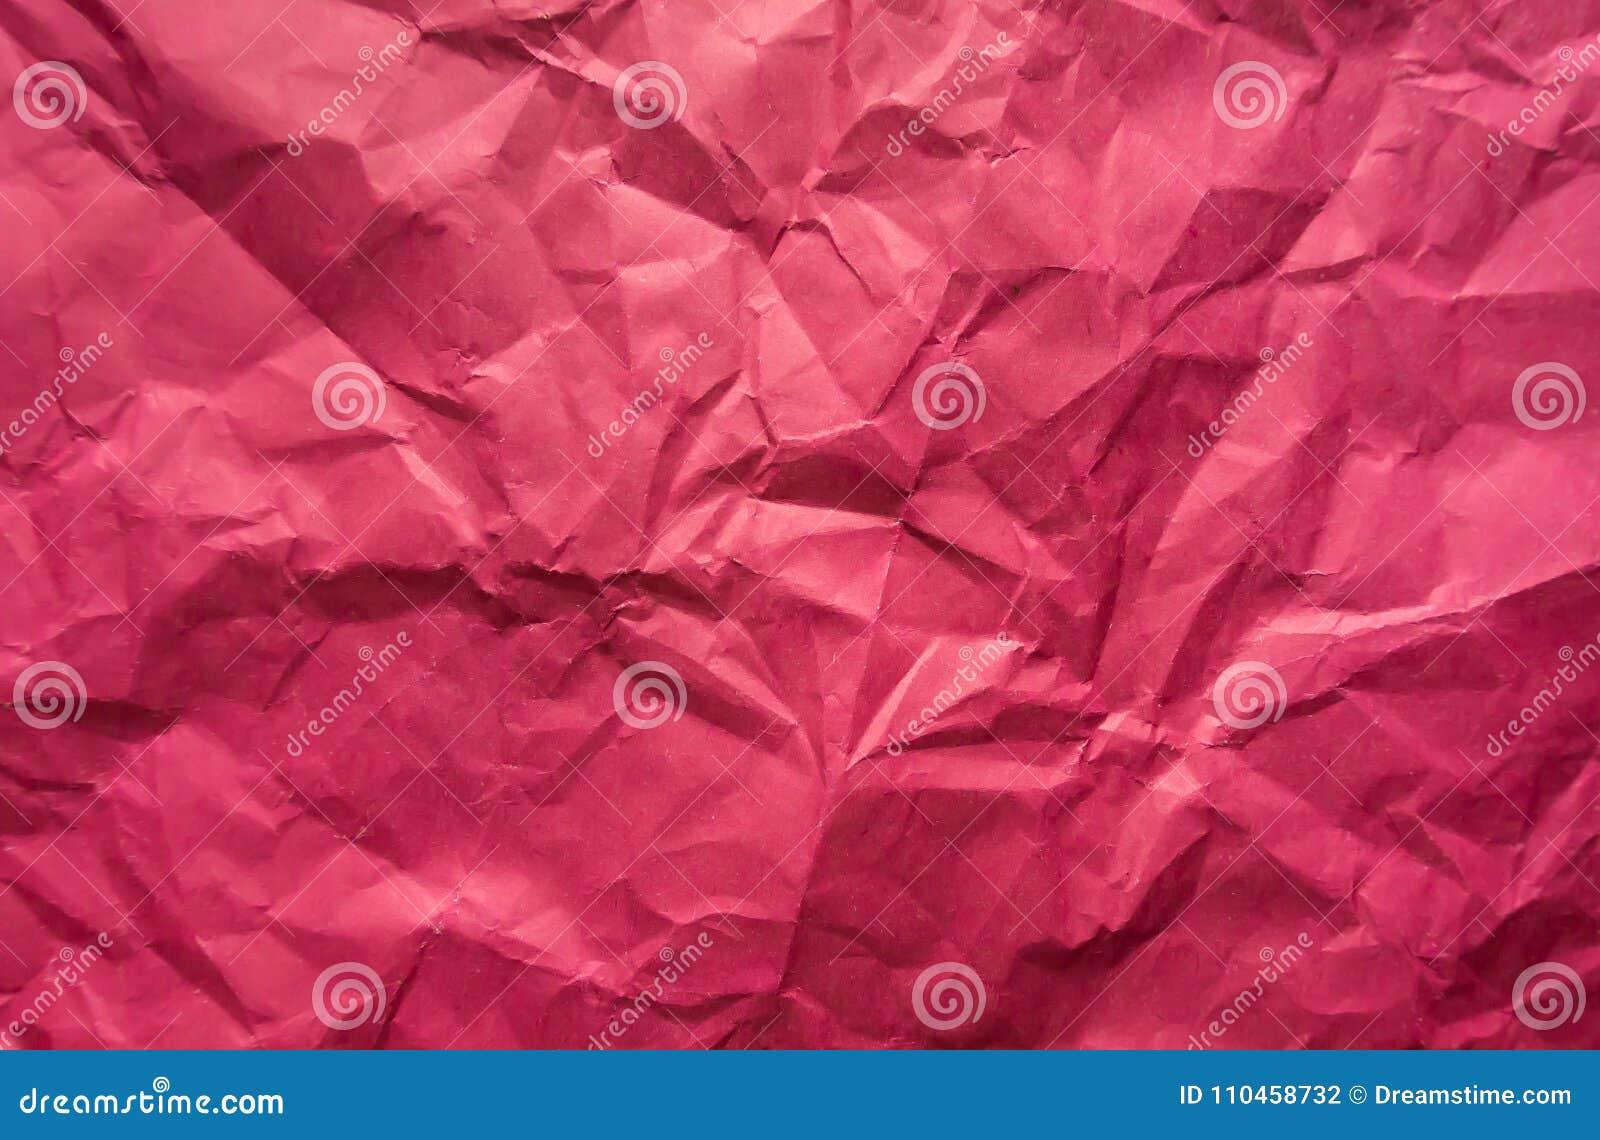 Bakgrund Skrynkligt rosa ark av papper